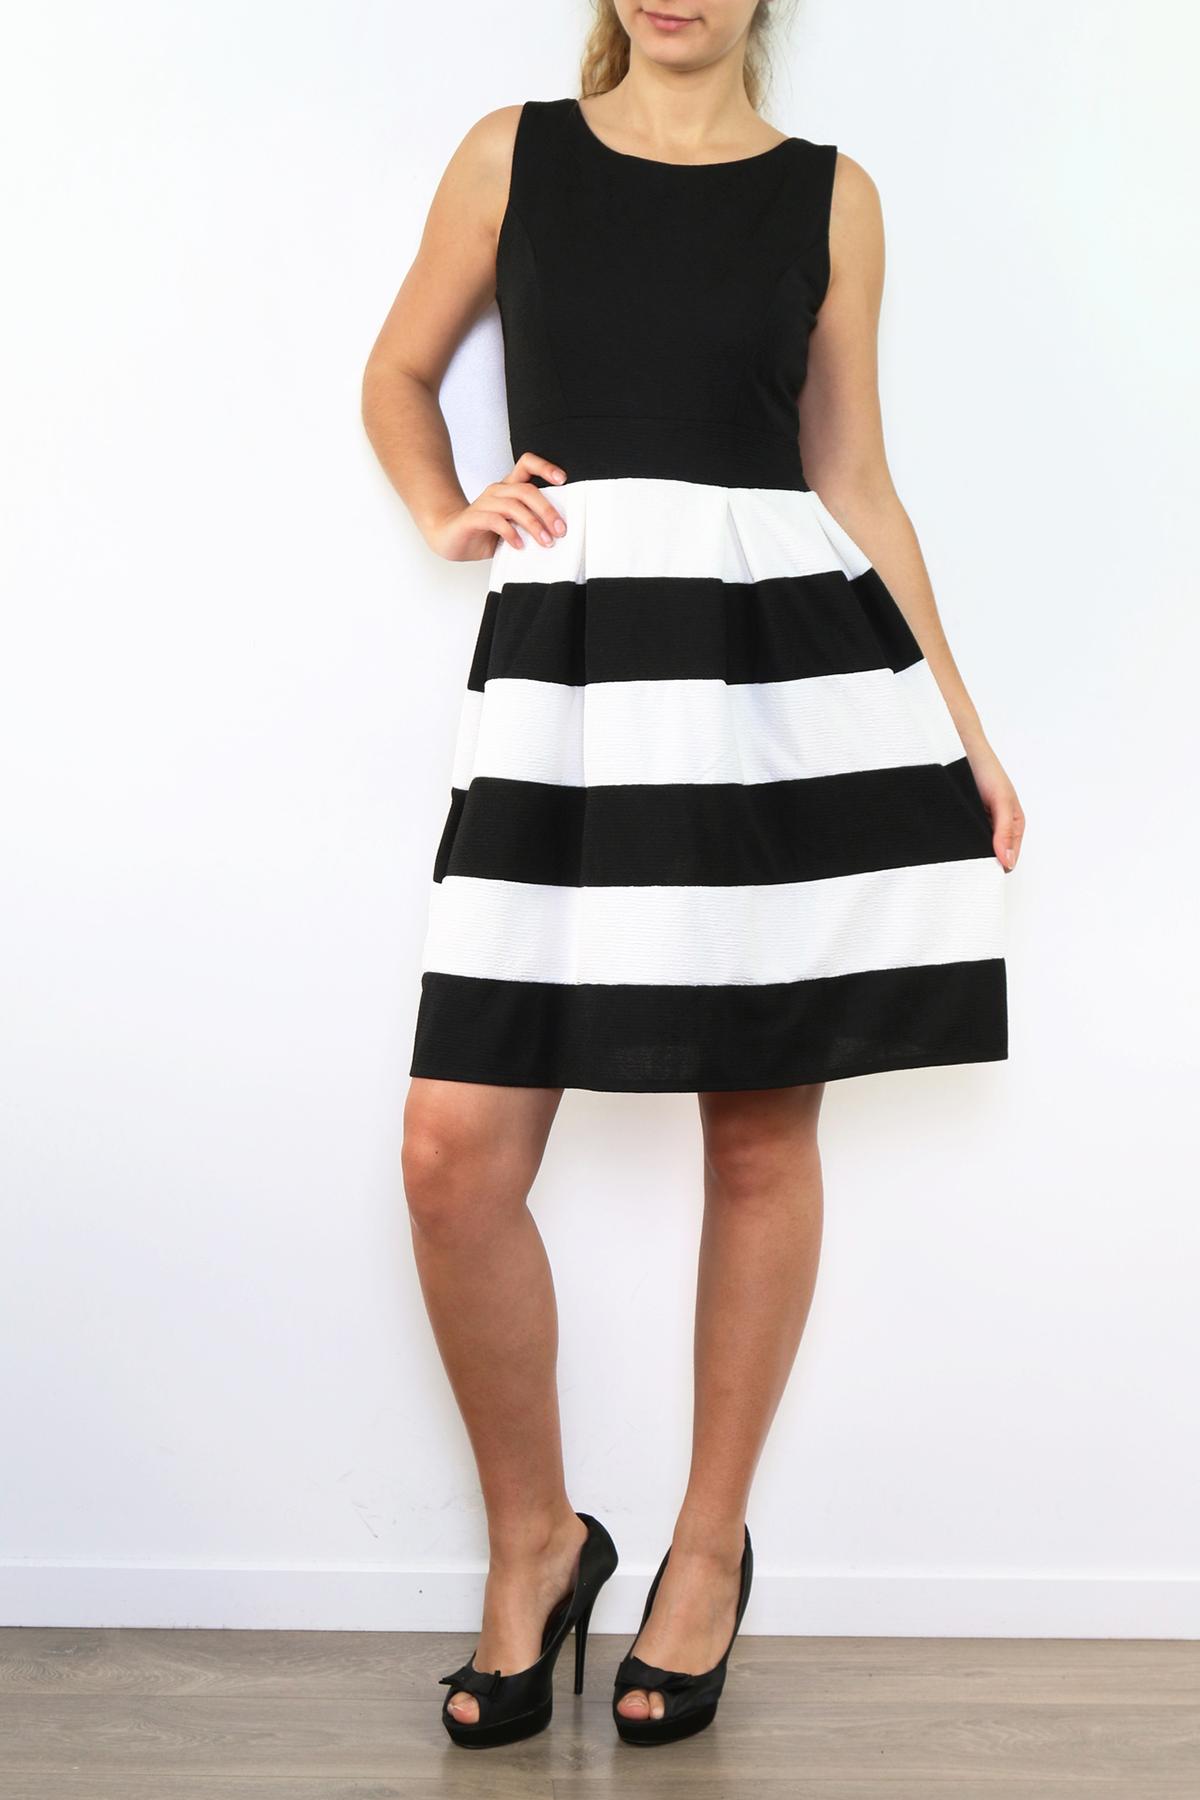 Musta-valkoraidallinen mekko